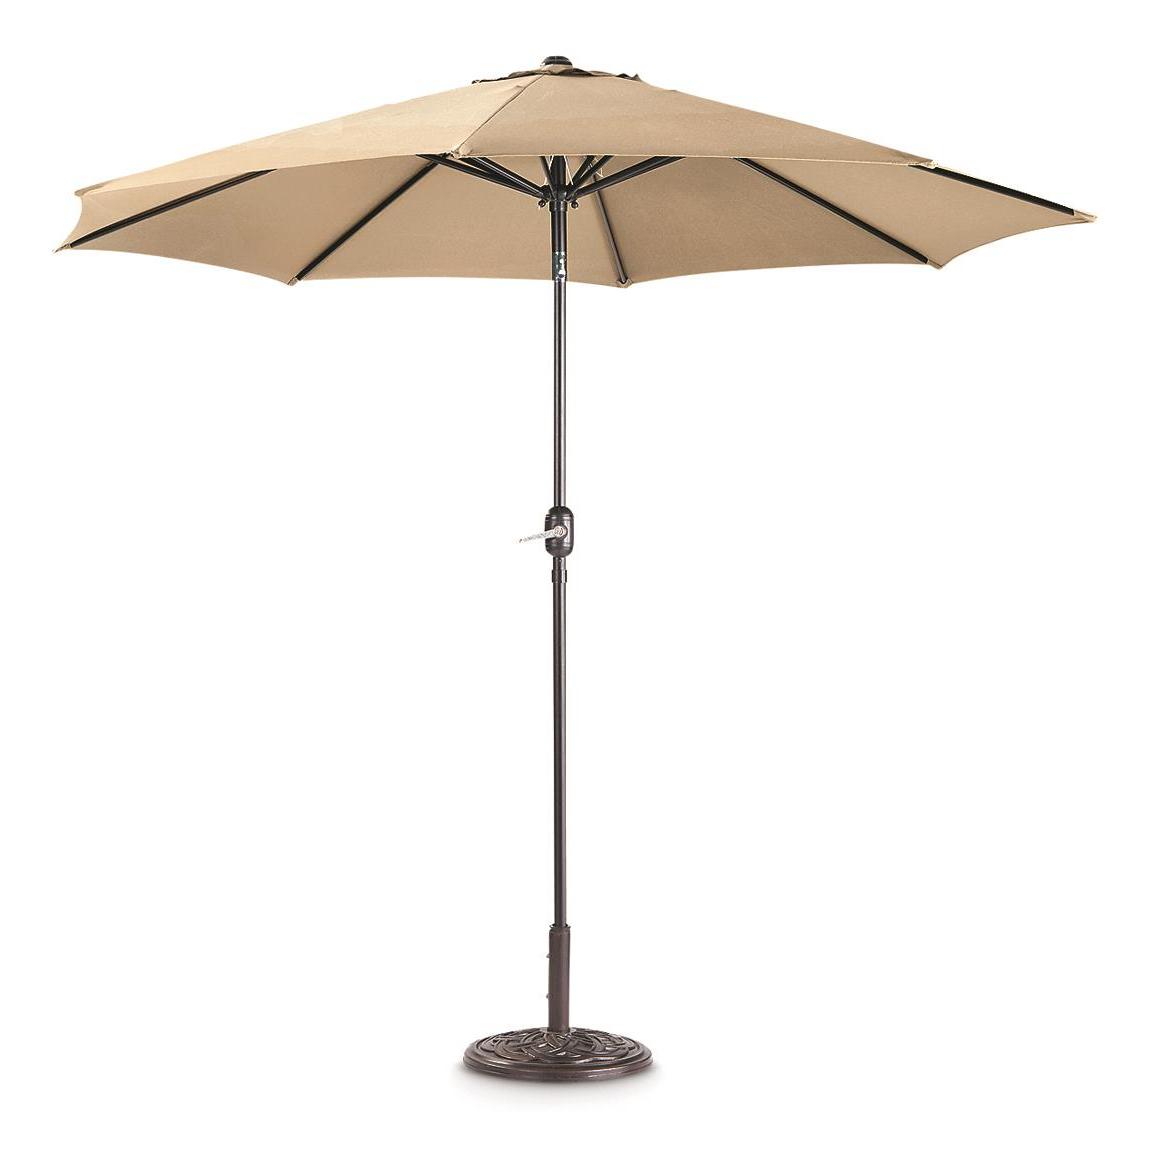 Castlecreek 9' Market Patio Umbrella With Regard To 2020 Market Umbrellas (View 16 of 20)